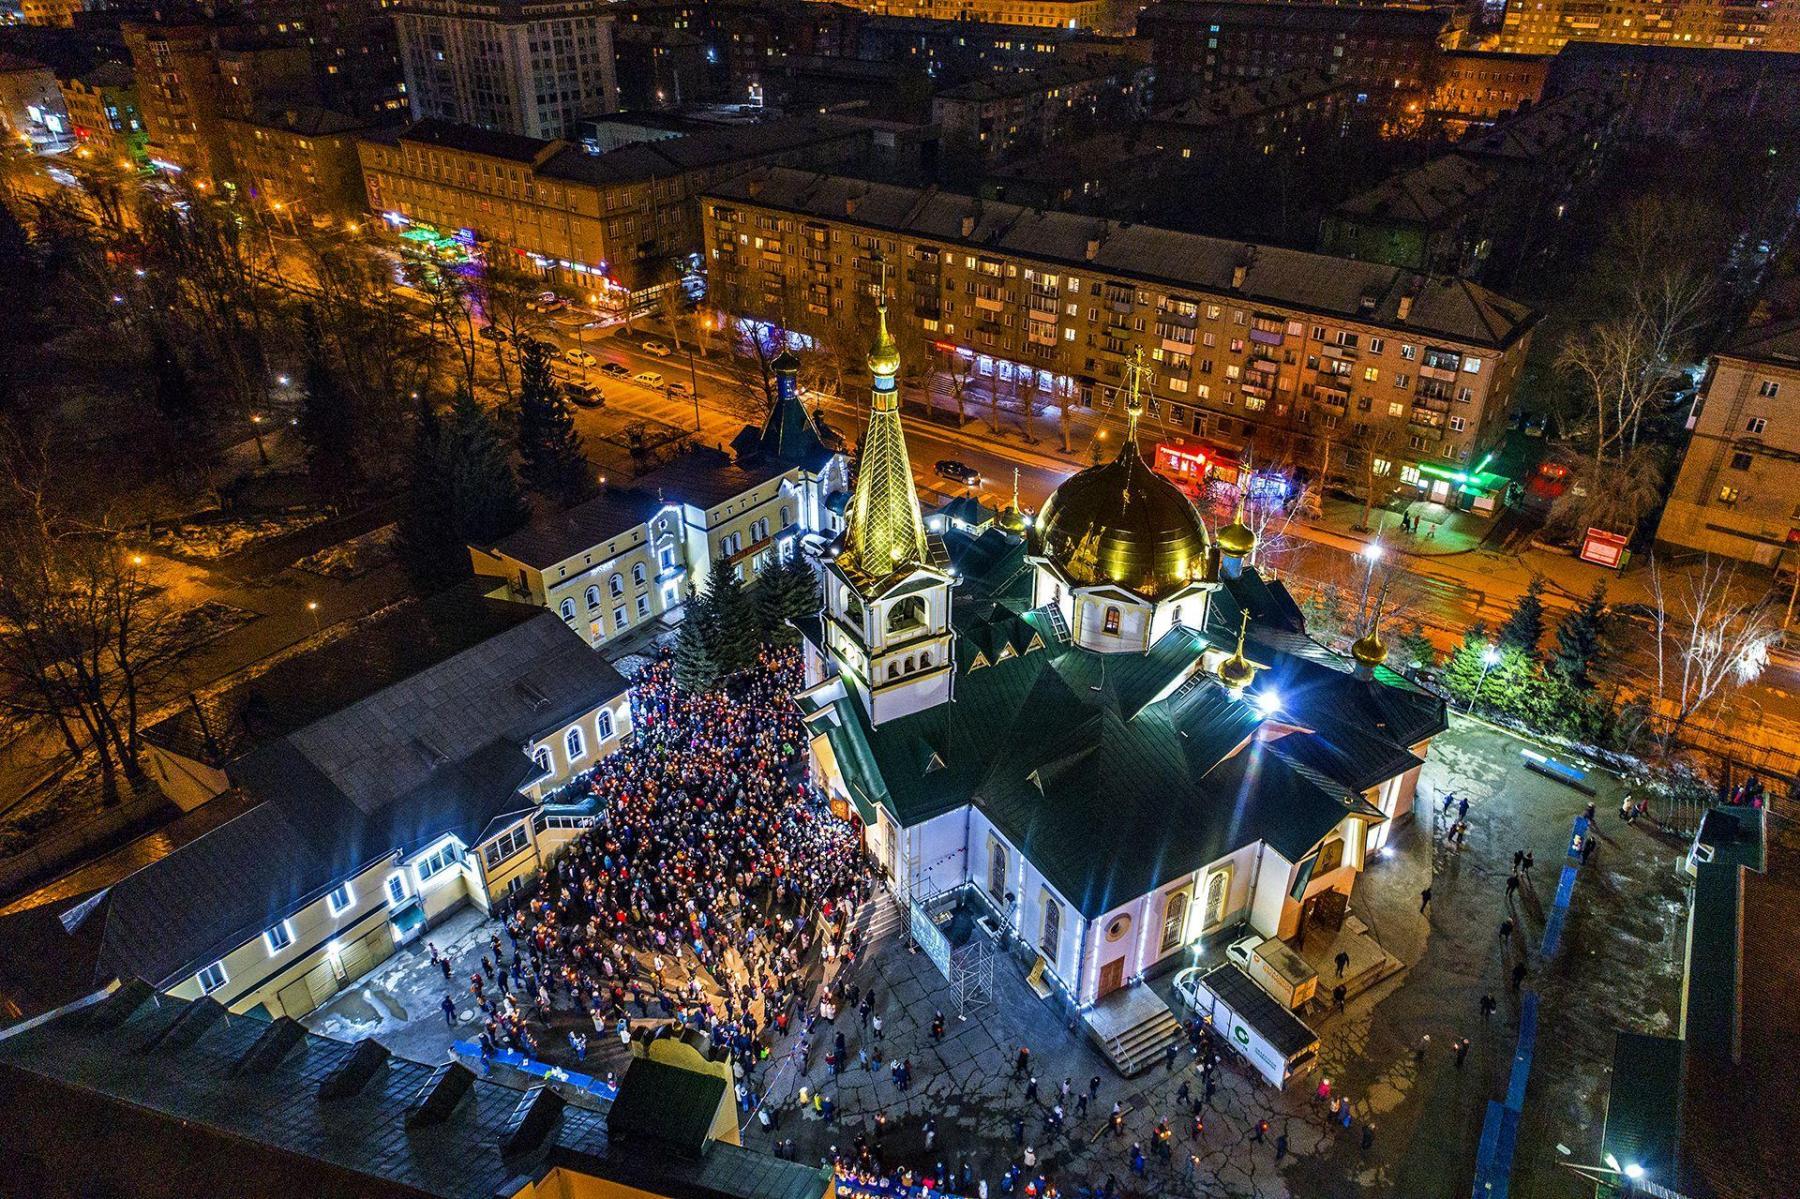 фото «В парикмахерскую – можно, а в церковь – нельзя?»: верующих возмутило закрытие храмов на Пасху в Новосибирске 4